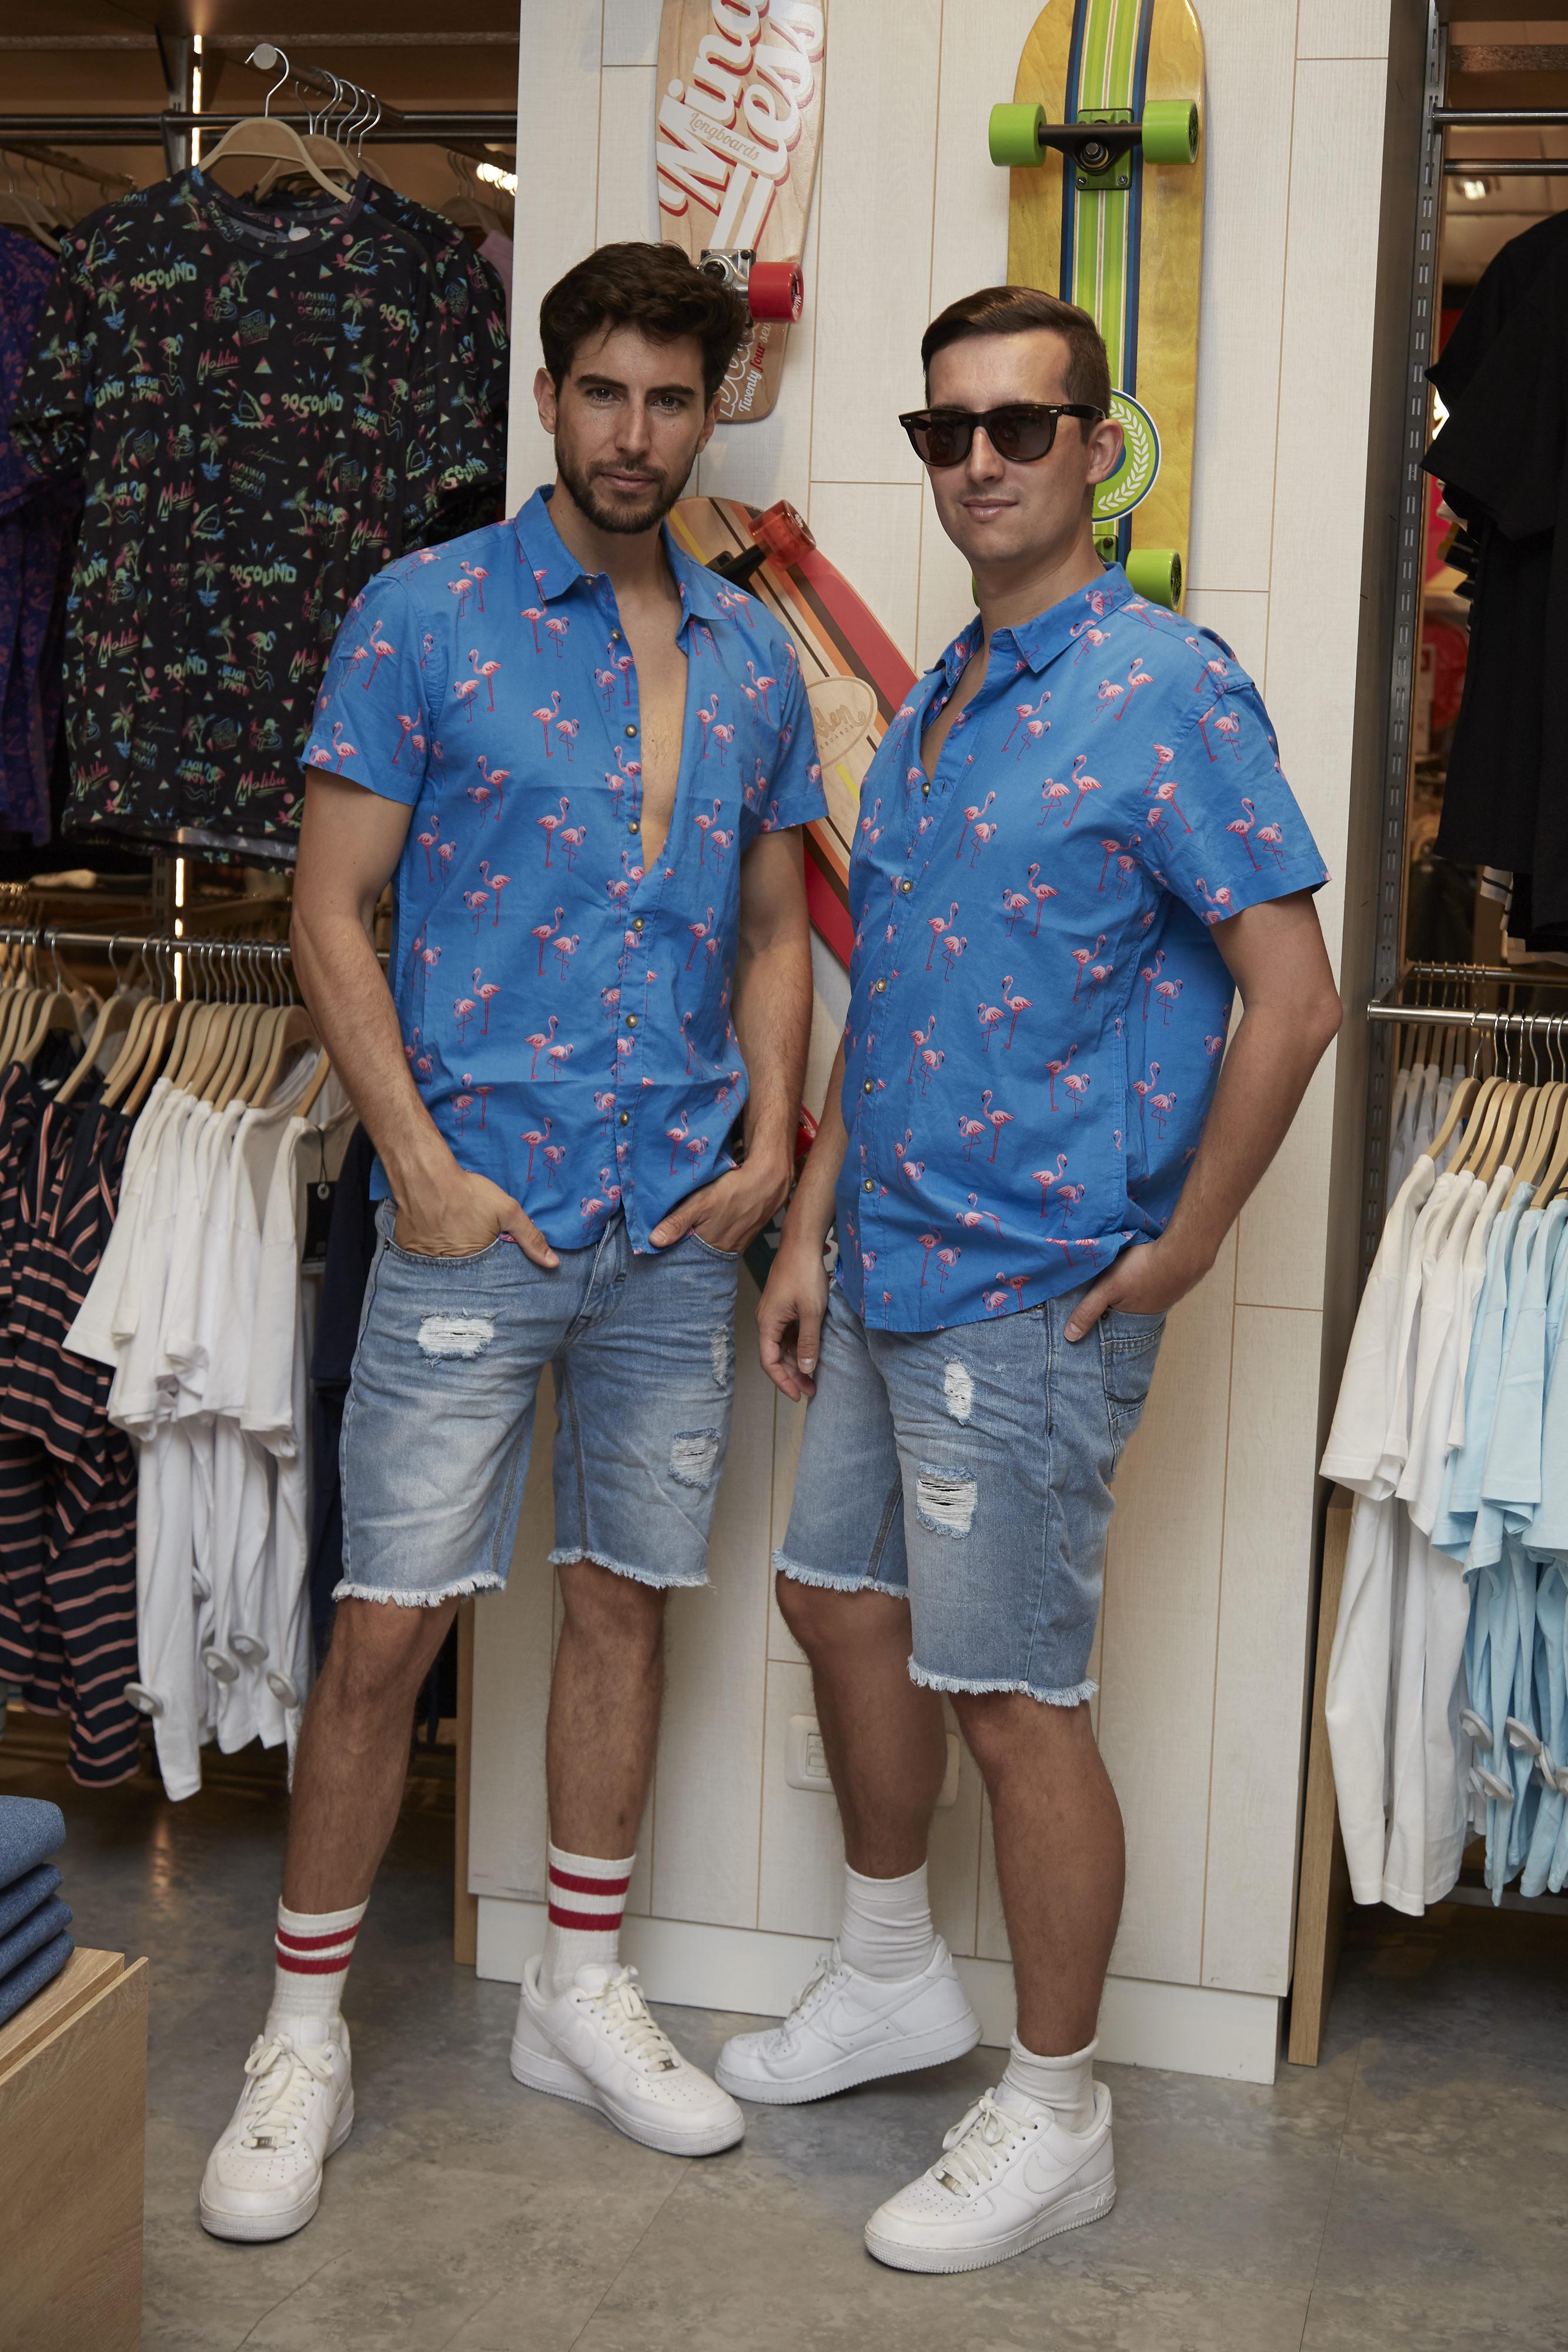 Los looks favoritos de Pepino Marino y Crawford para el verano - image PepinoCrawford_ECI_002 on https://www.vanidad.es